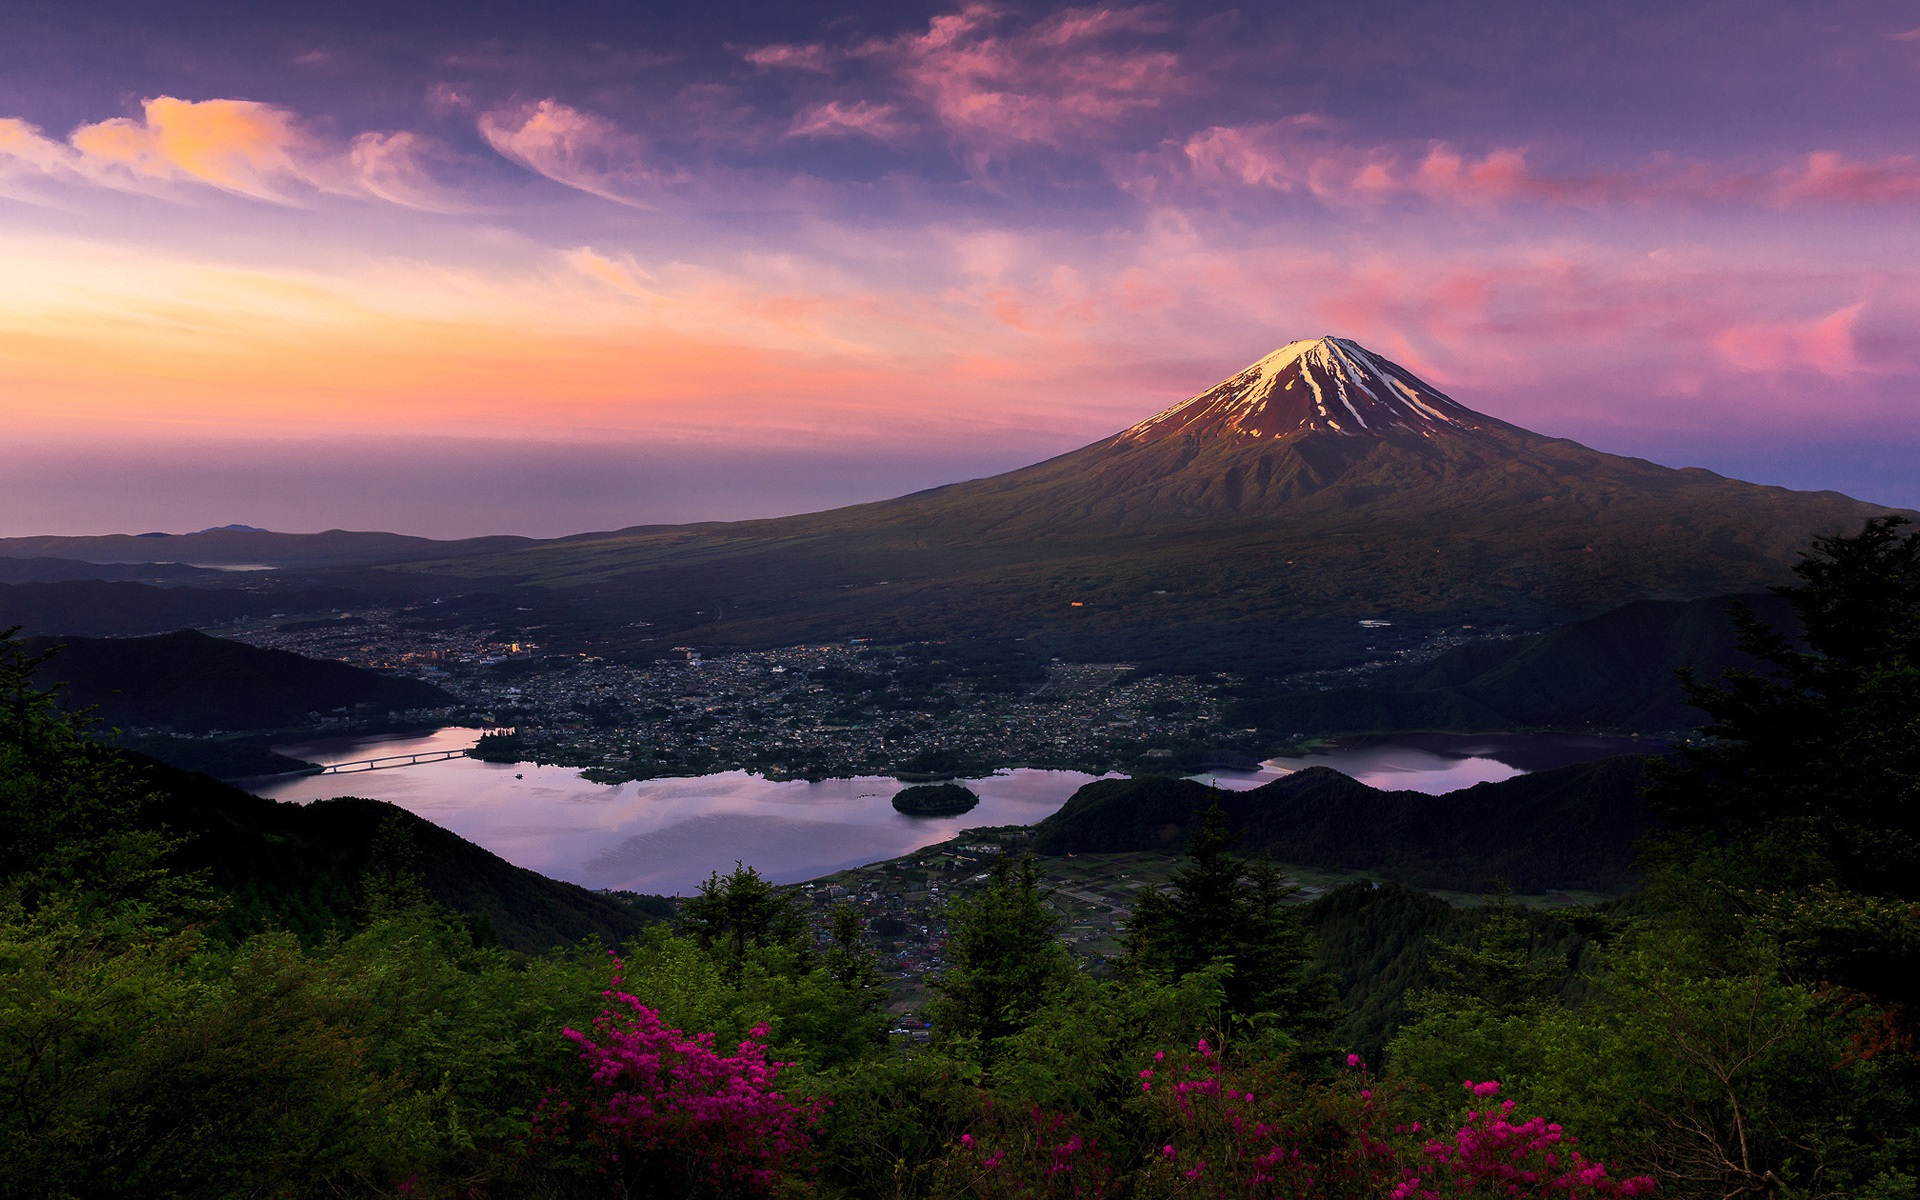 Berg Japan